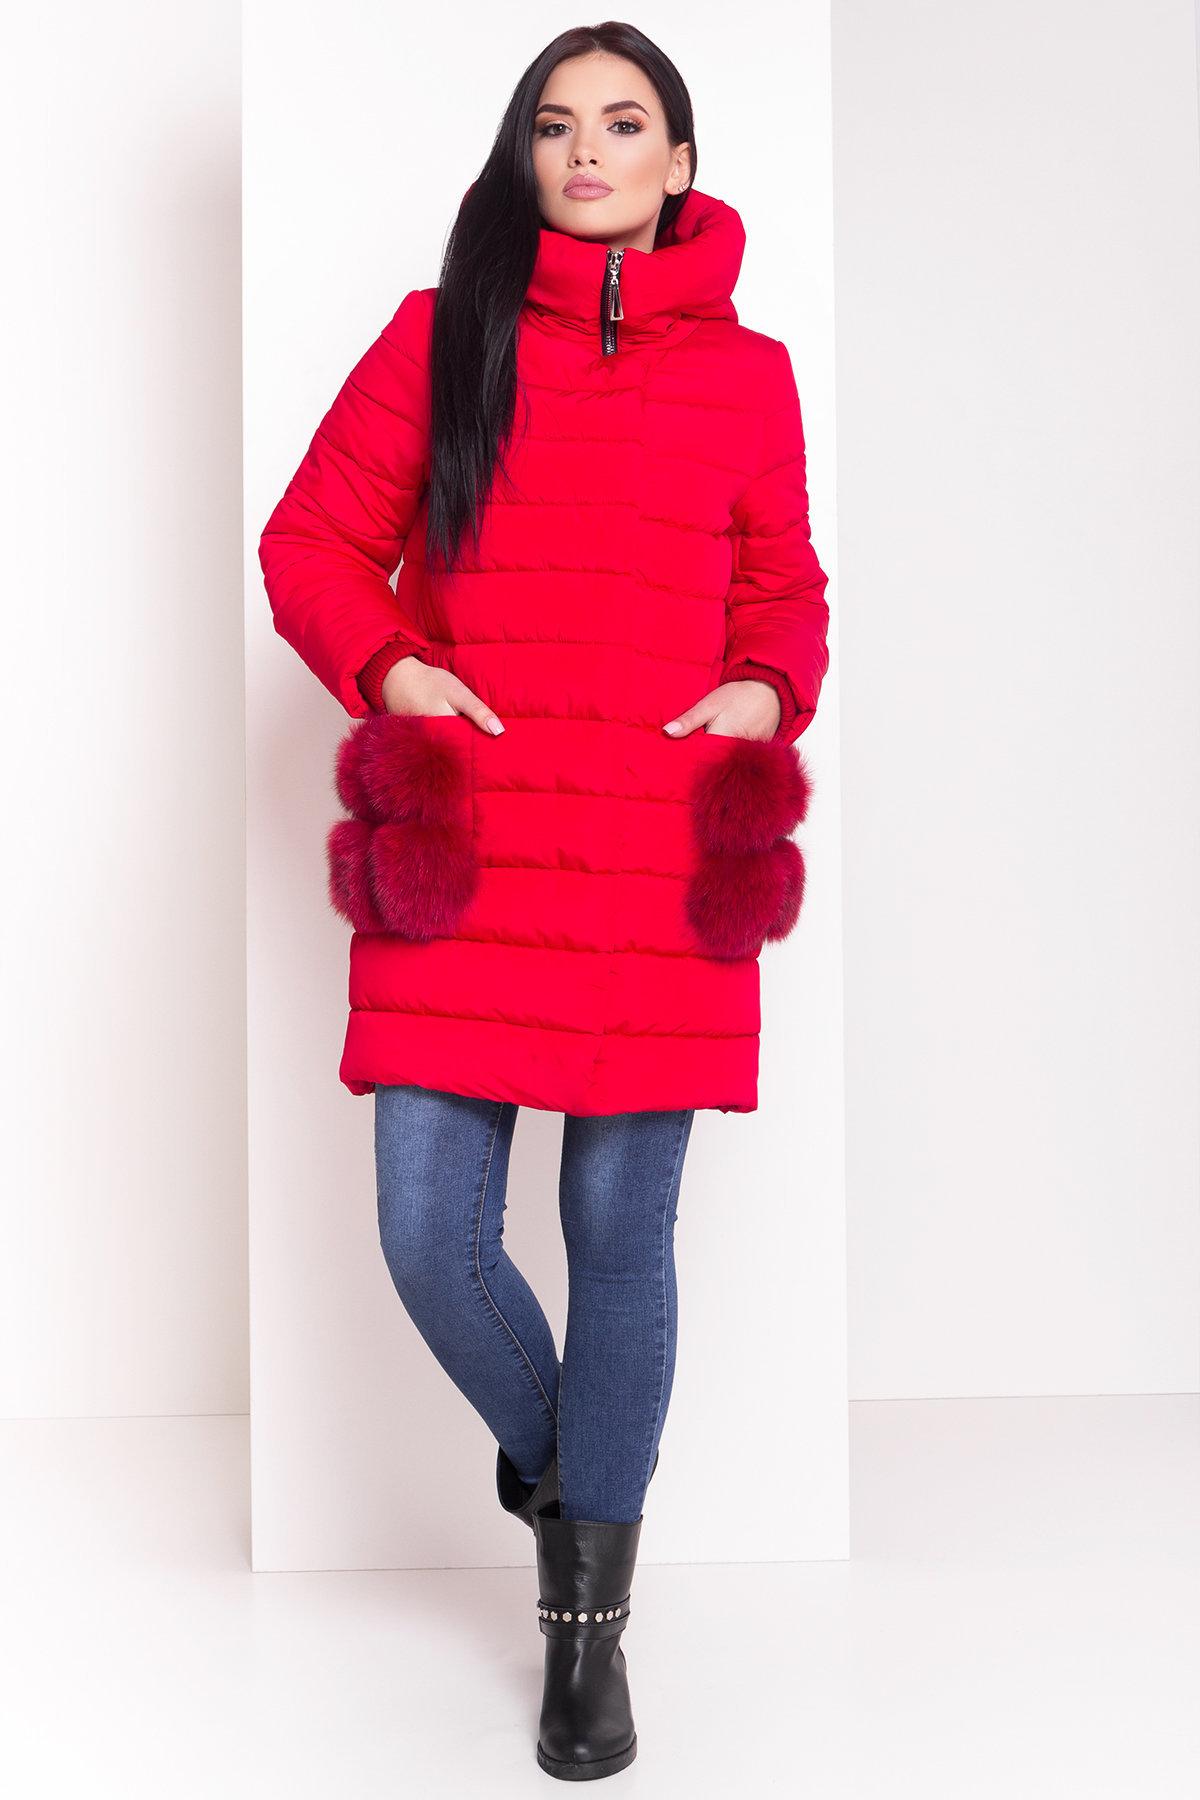 Зимний пуховик прямого кроя Лили Канада 8363 АРТ. 44554 Цвет: Красный - фото 8, интернет магазин tm-modus.ru